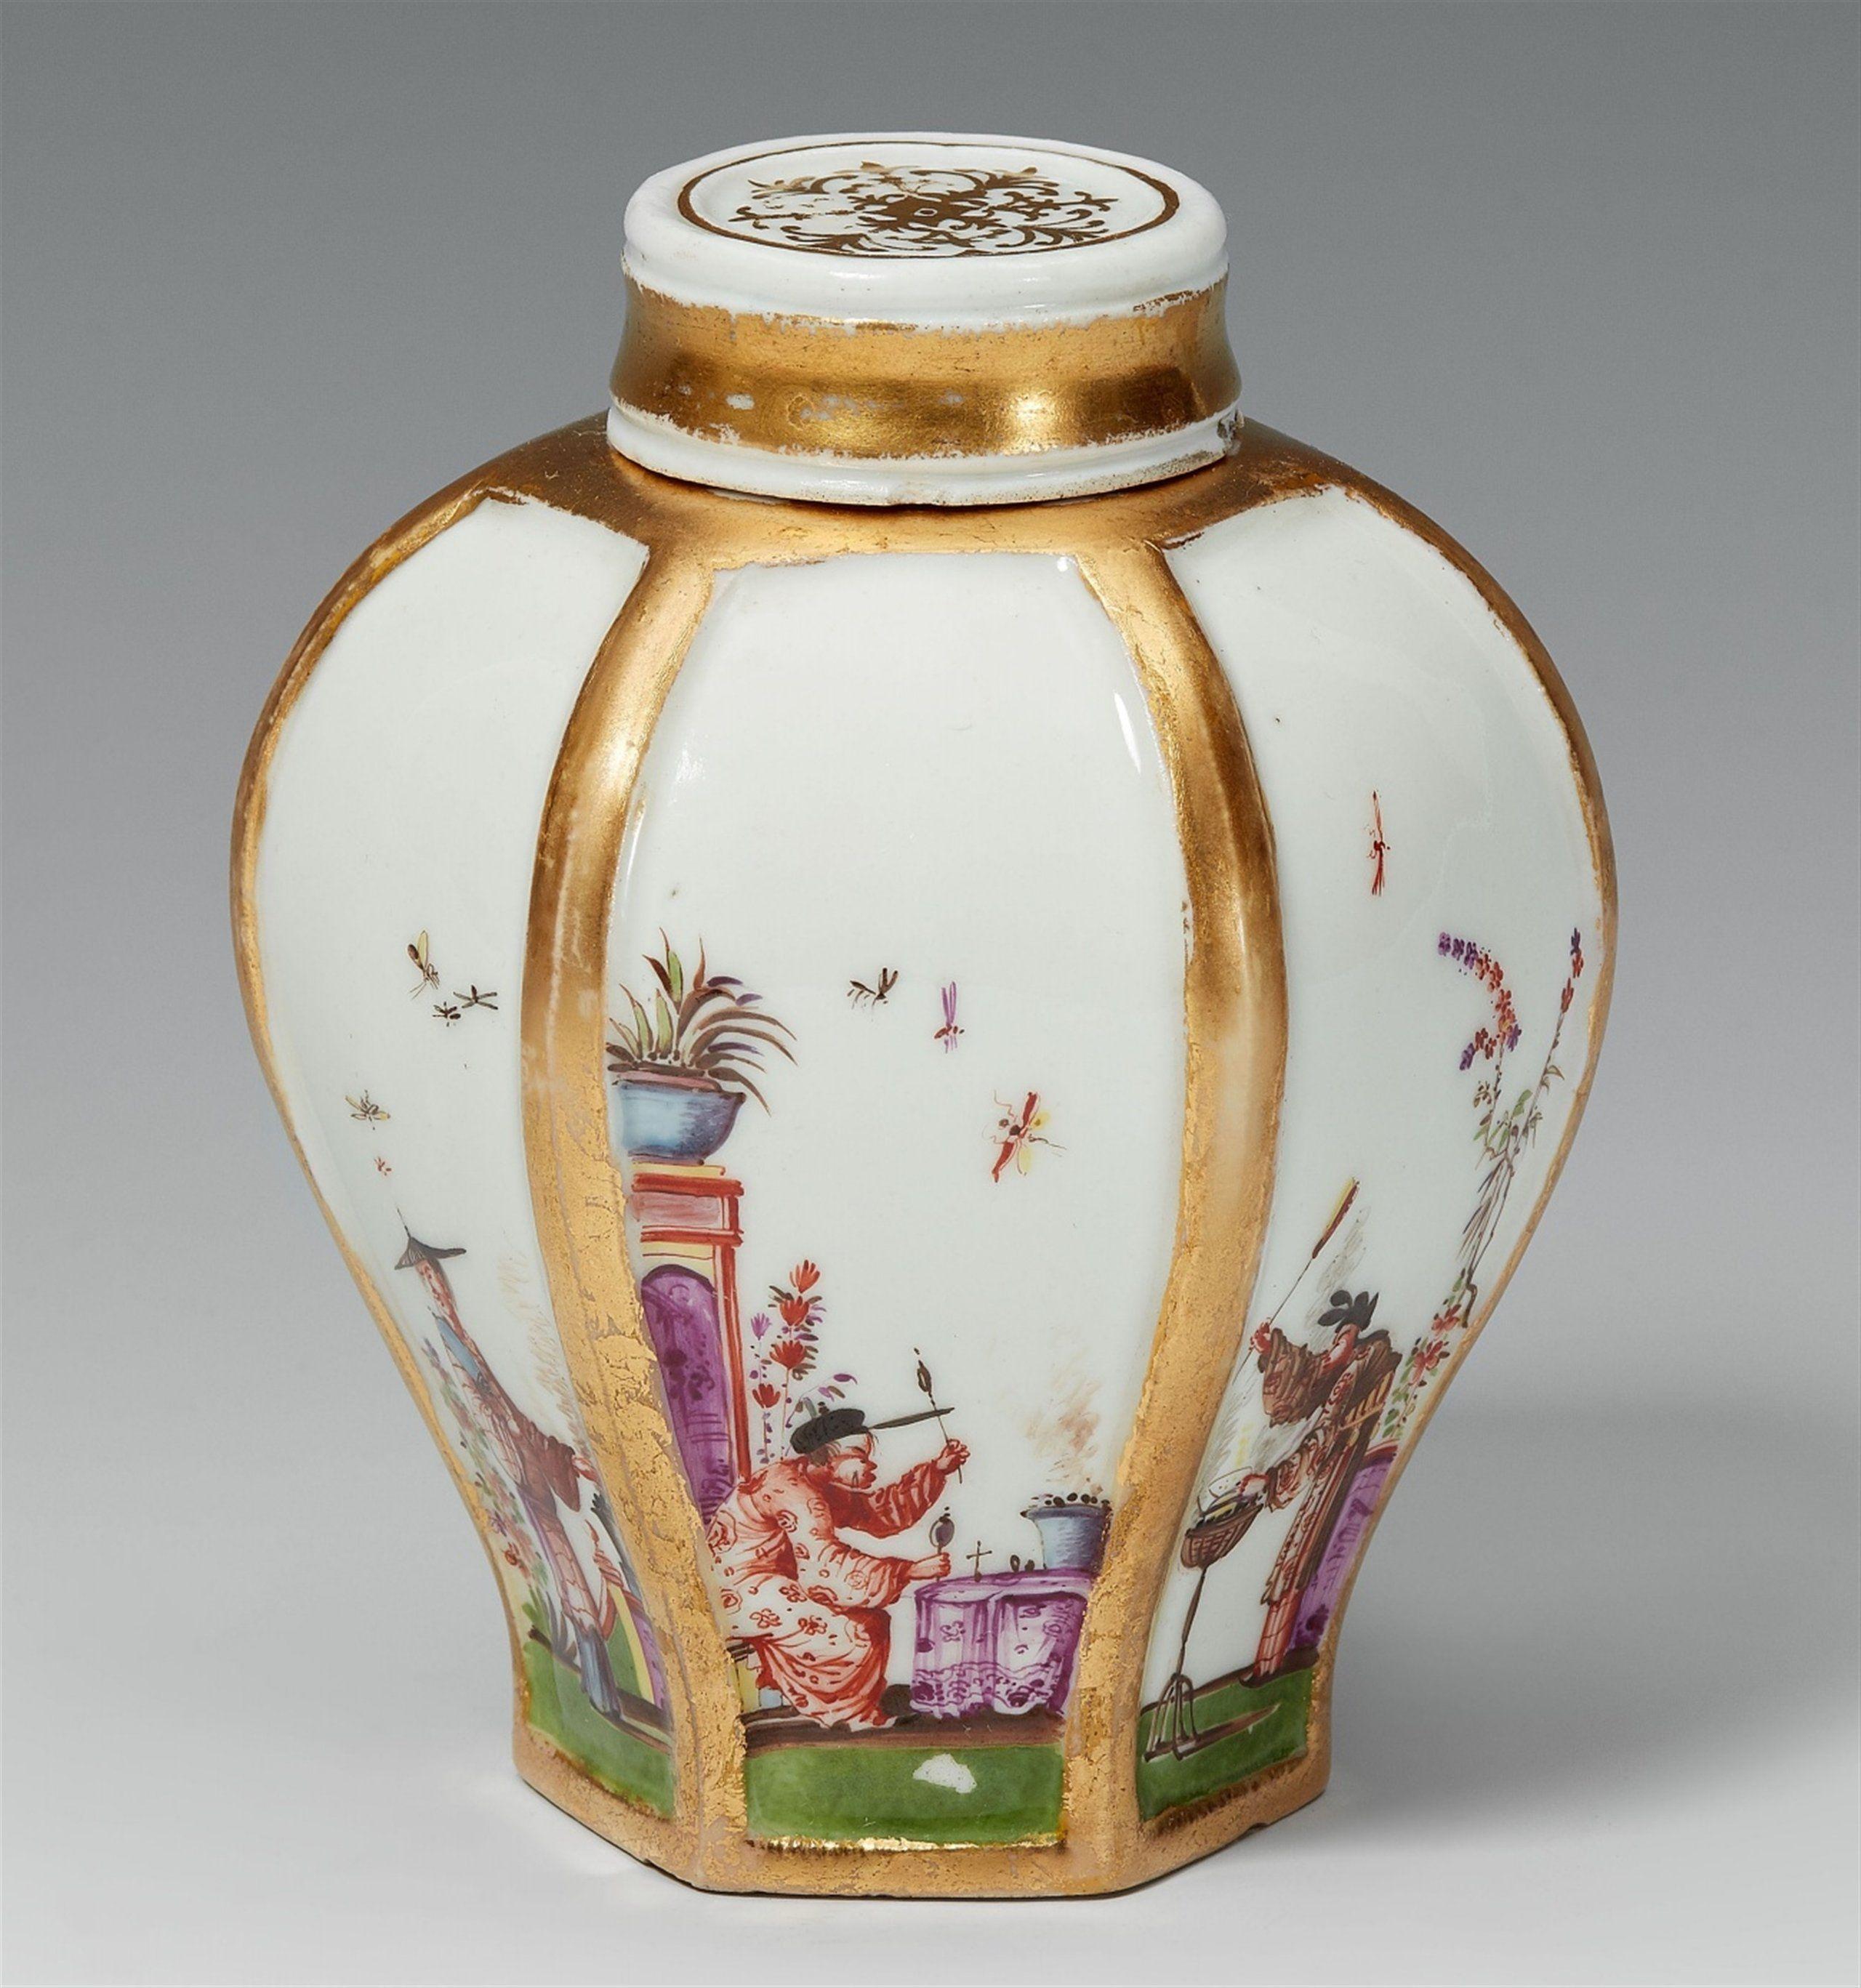 Meißen, Meißen, um 1730, der Dekor in der Art Johann GregoTeedose mit sechs Chinesen, Auktion 1075 Kunstgewerbe, Lot 562